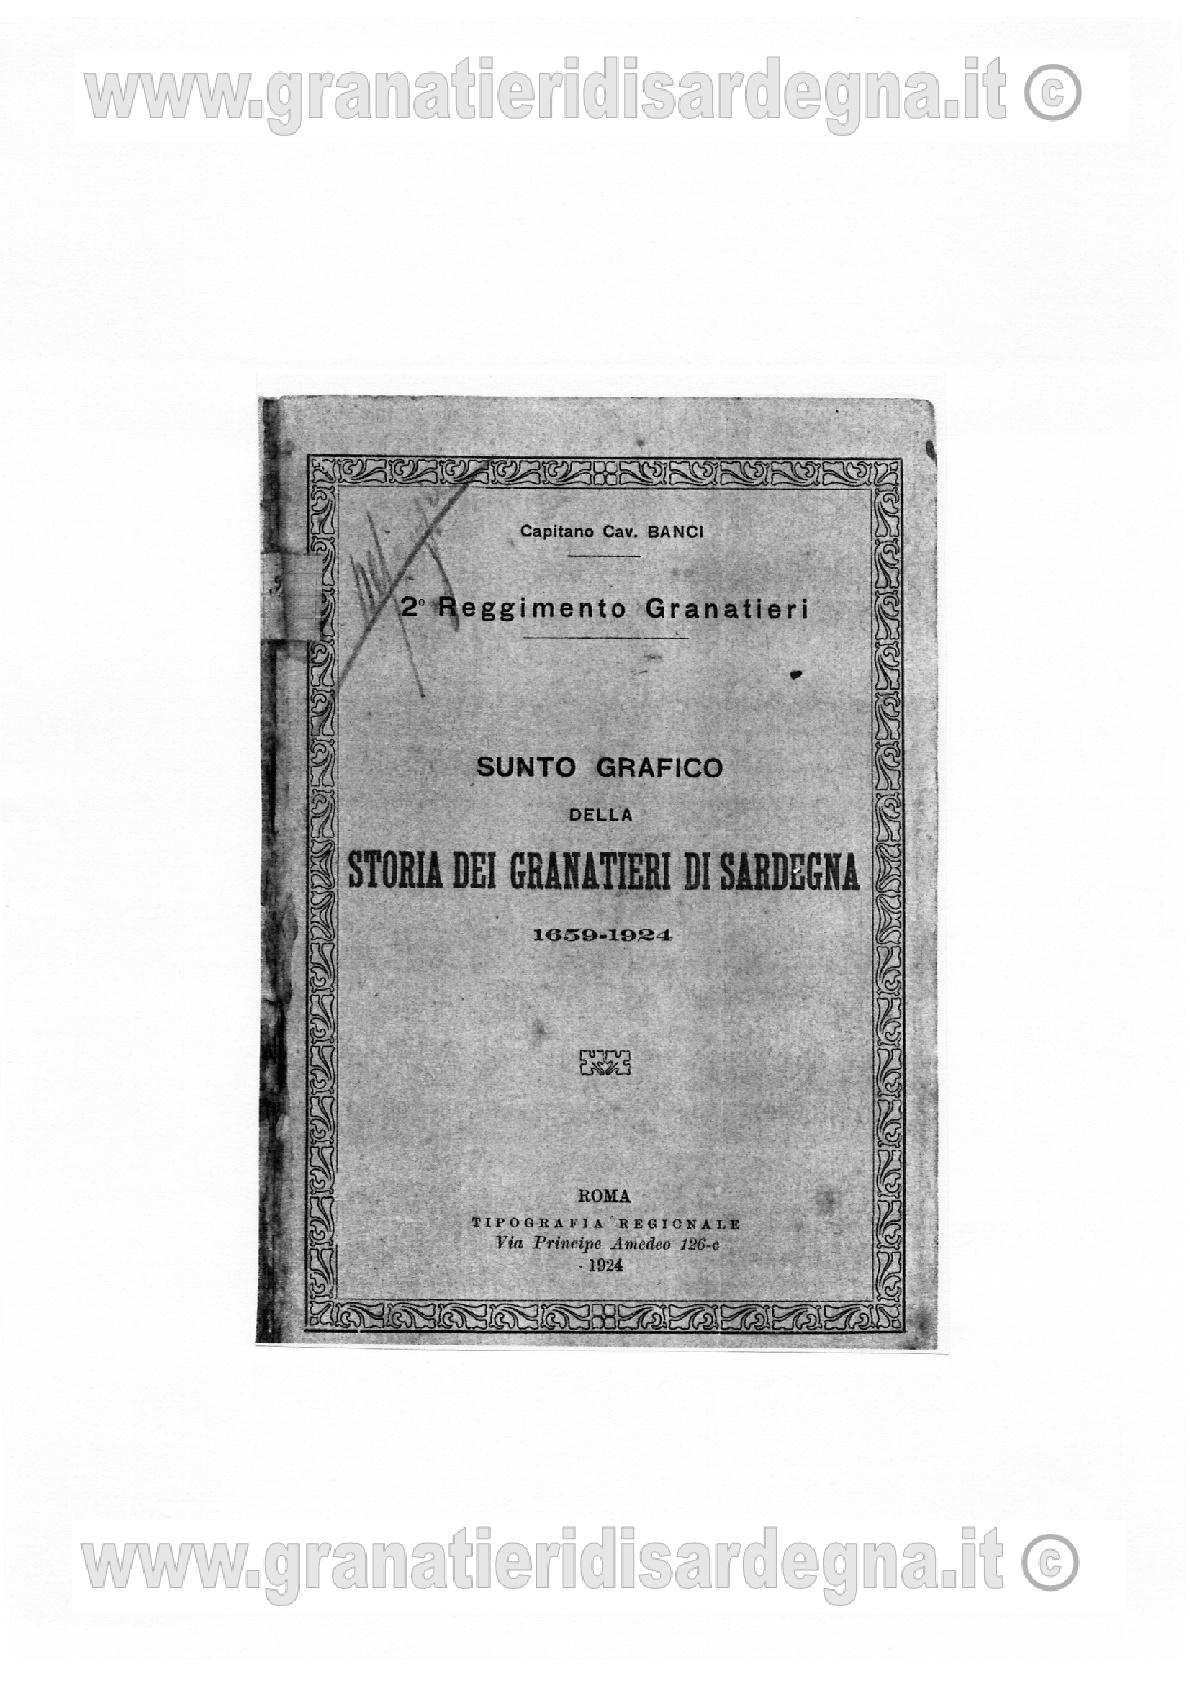 Sunto grafico della storia dei Granatieri di Sardegna 1659-1924